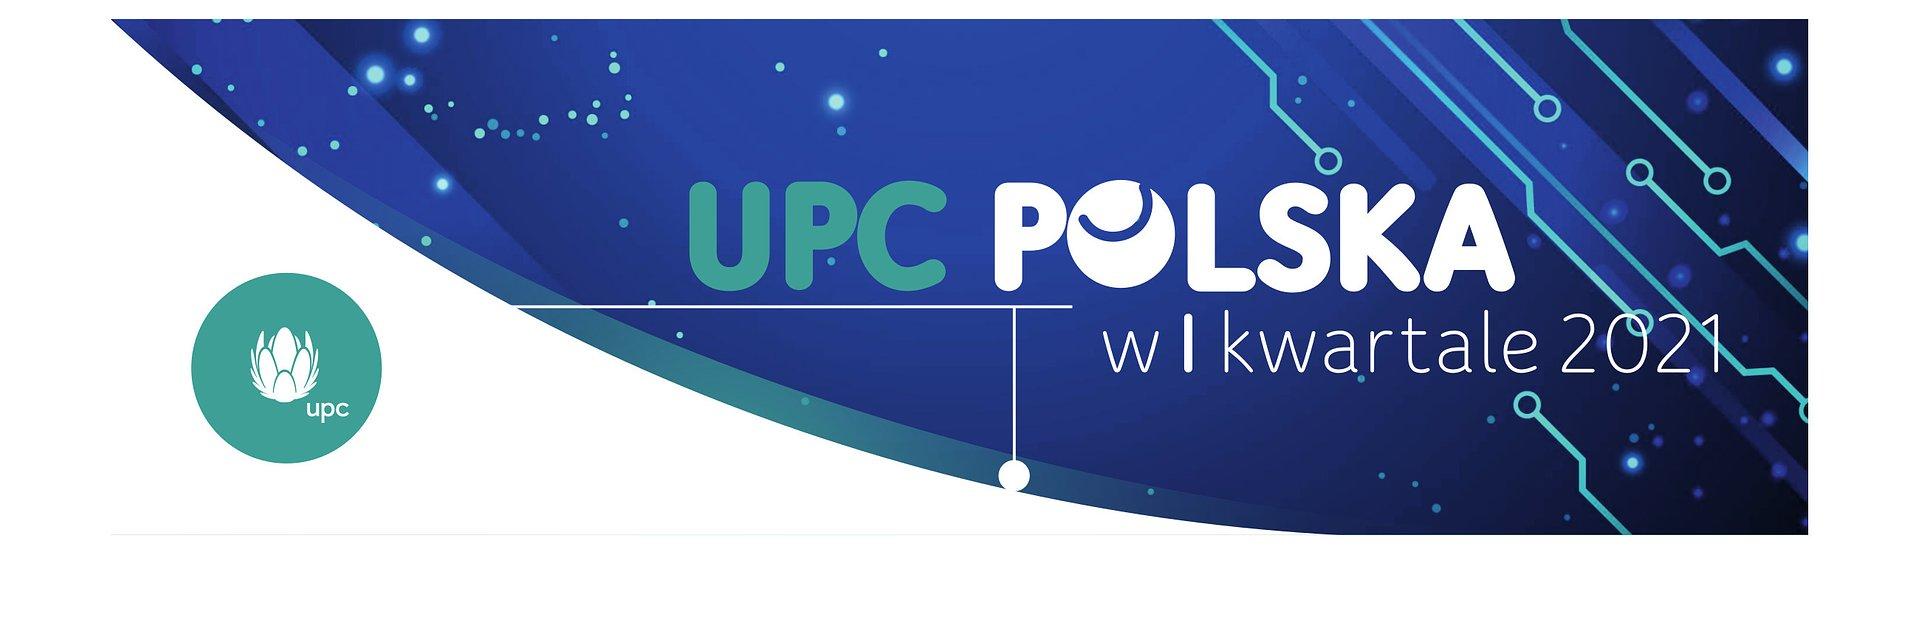 UPC Polska, najszybszy ogólnopolski i najbardziej polecany operator, w I kwartale 2021 roku zwiększyło zaufanie klientów i przychody o 4%